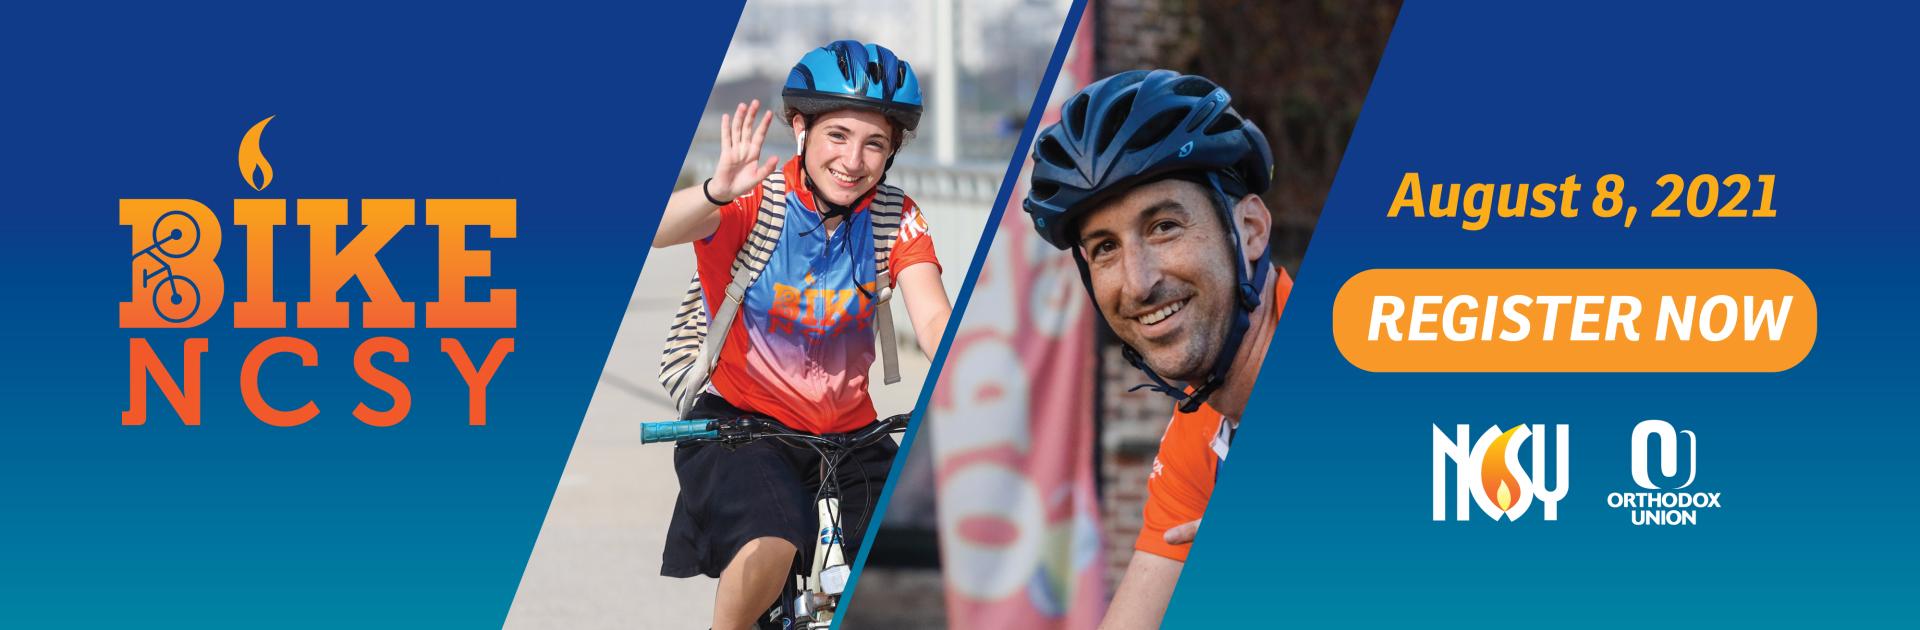 Bike NCSY 2021 image